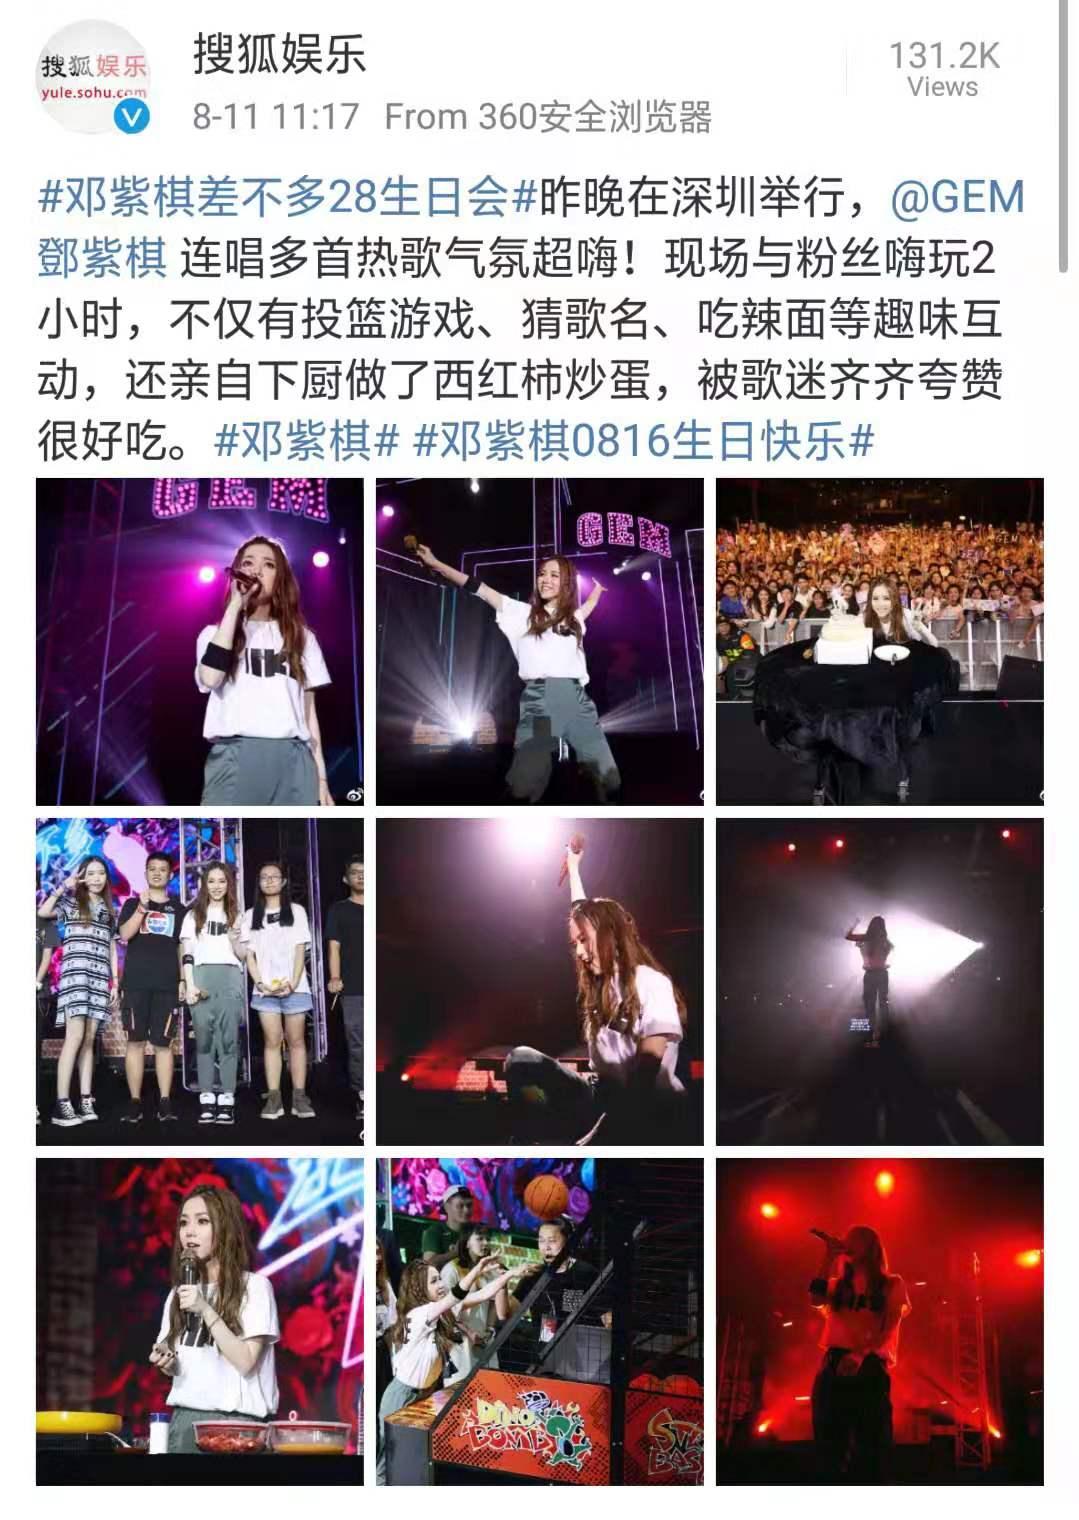 邓紫棋28岁演唱会超火爆,做过rapper导师就是不一样!